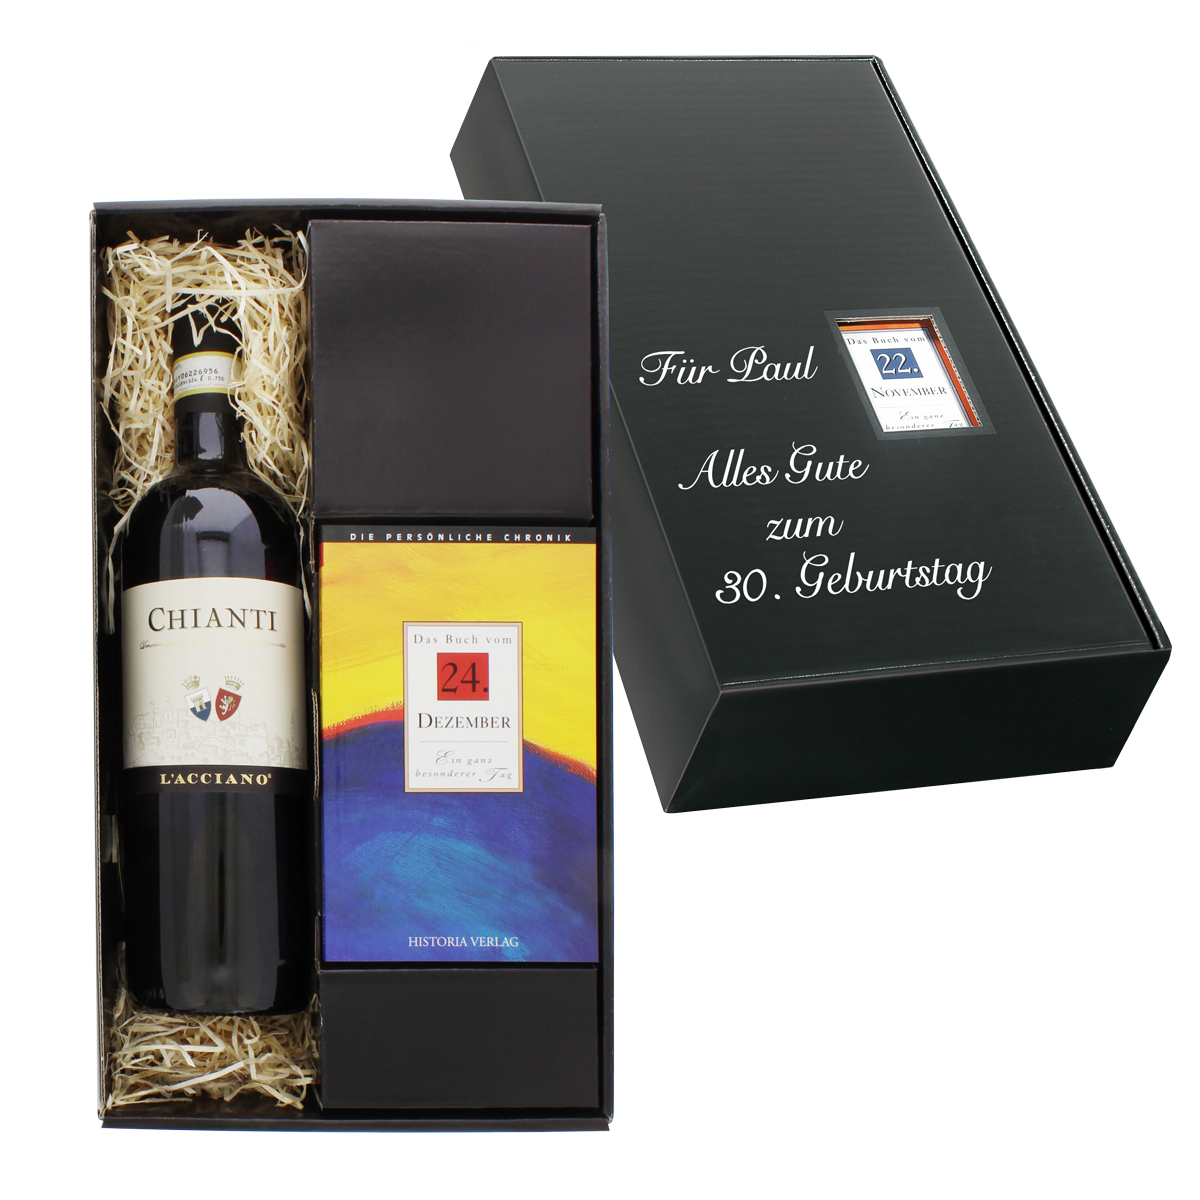 Italien-Set: Tageschronik vom 10. Juli & Chianti-Wein